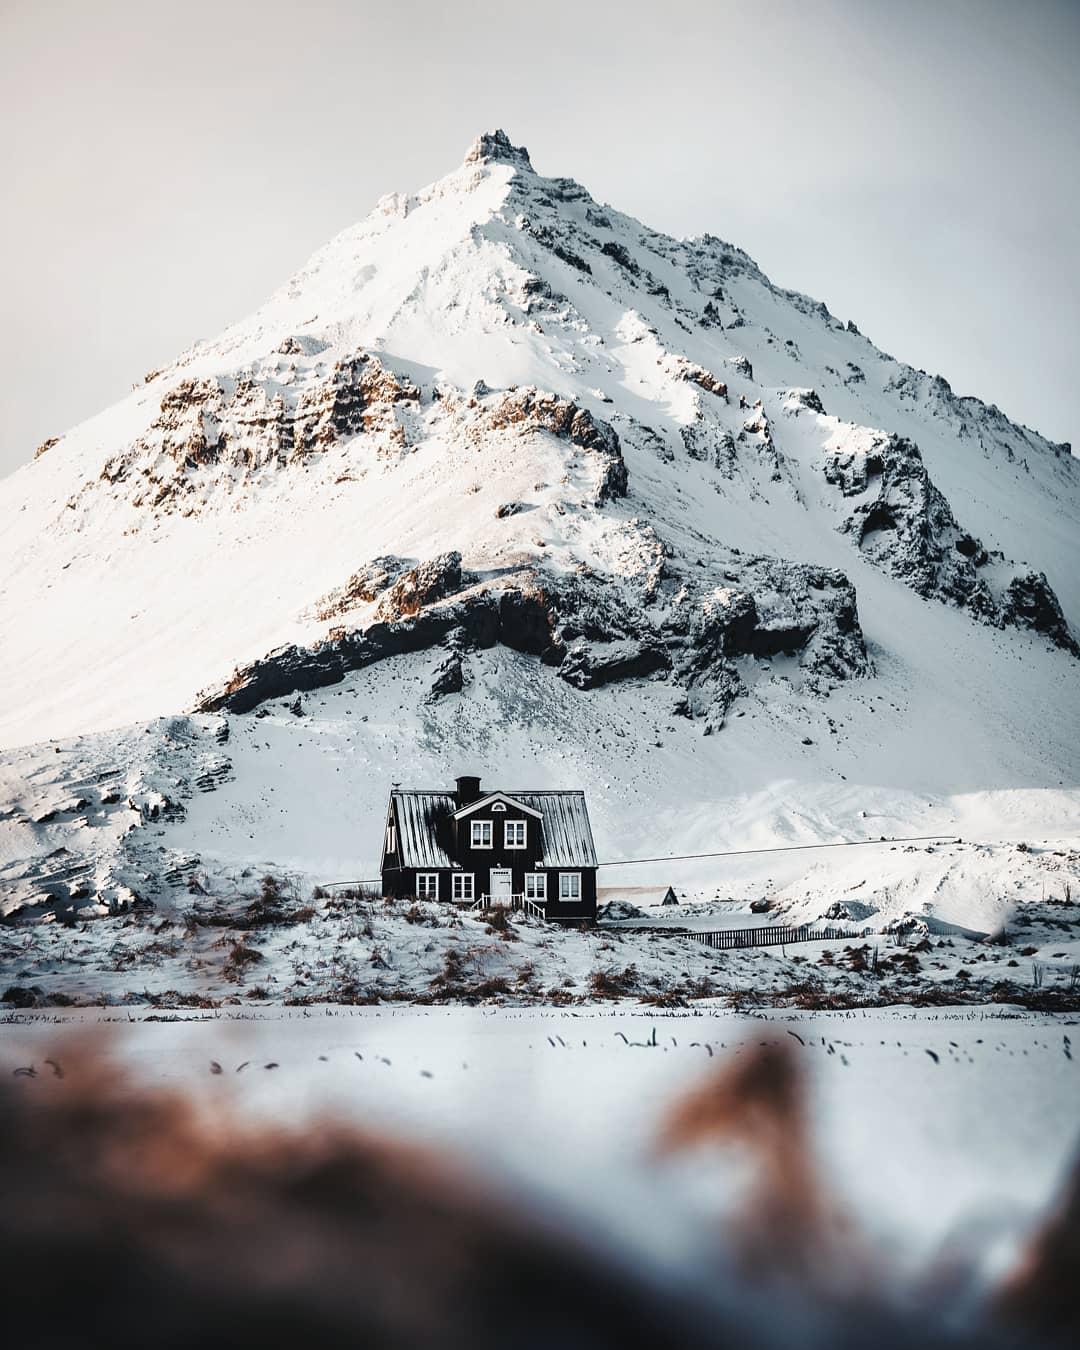 Пейзажи и приключения на снимках Андре Александра